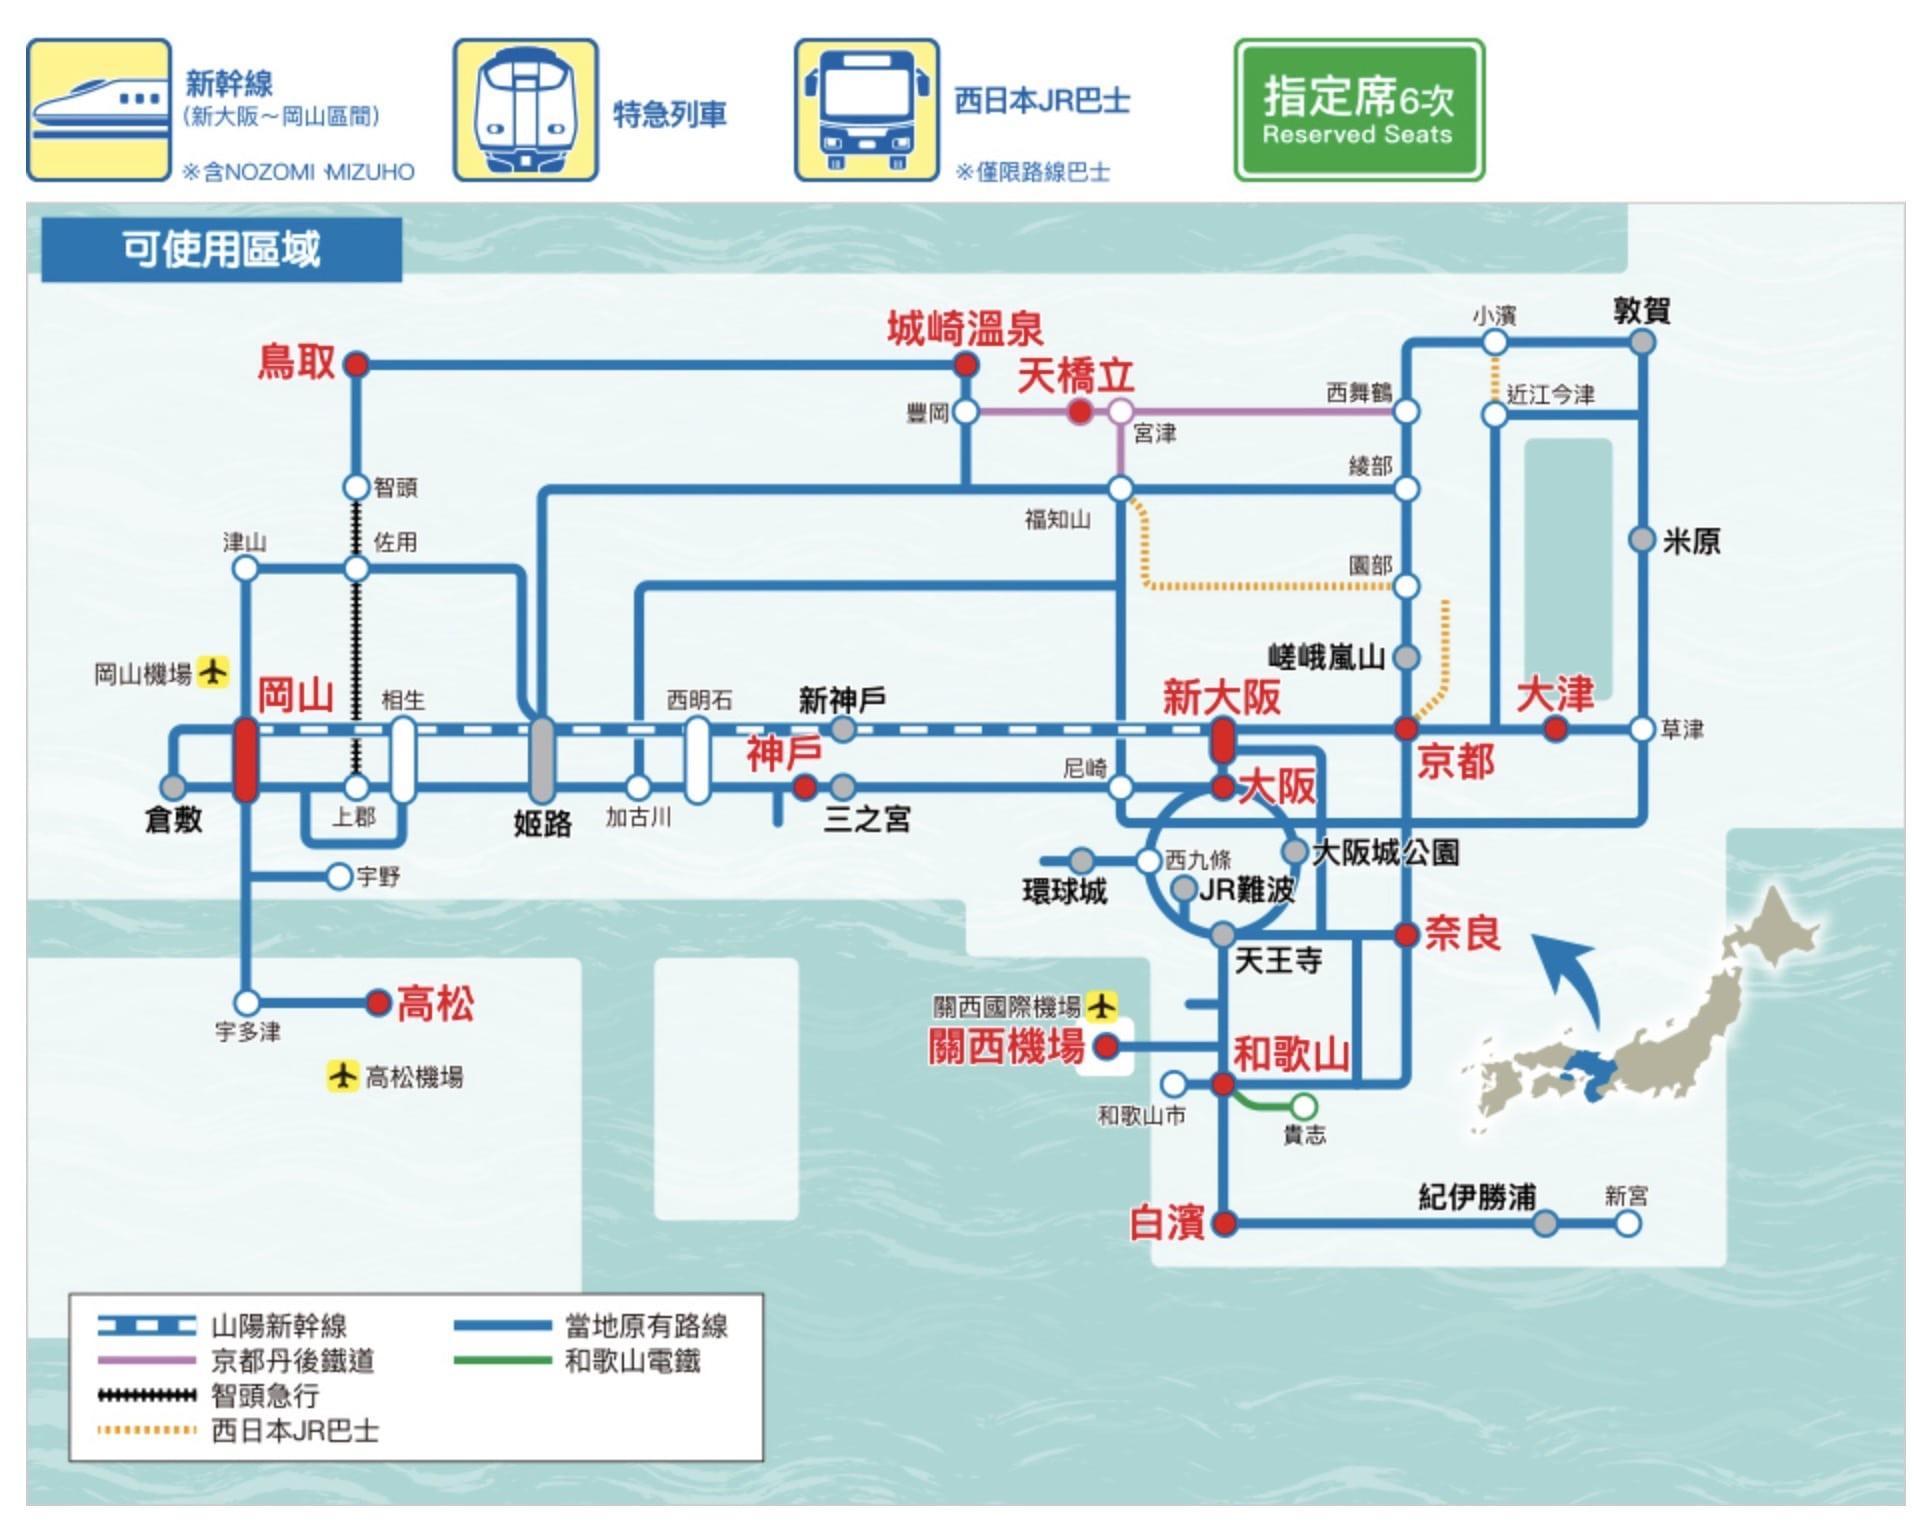 京都搭JR鐵路到天橋立交通|特急列車橋立號(はしだて) @來一球叭噗